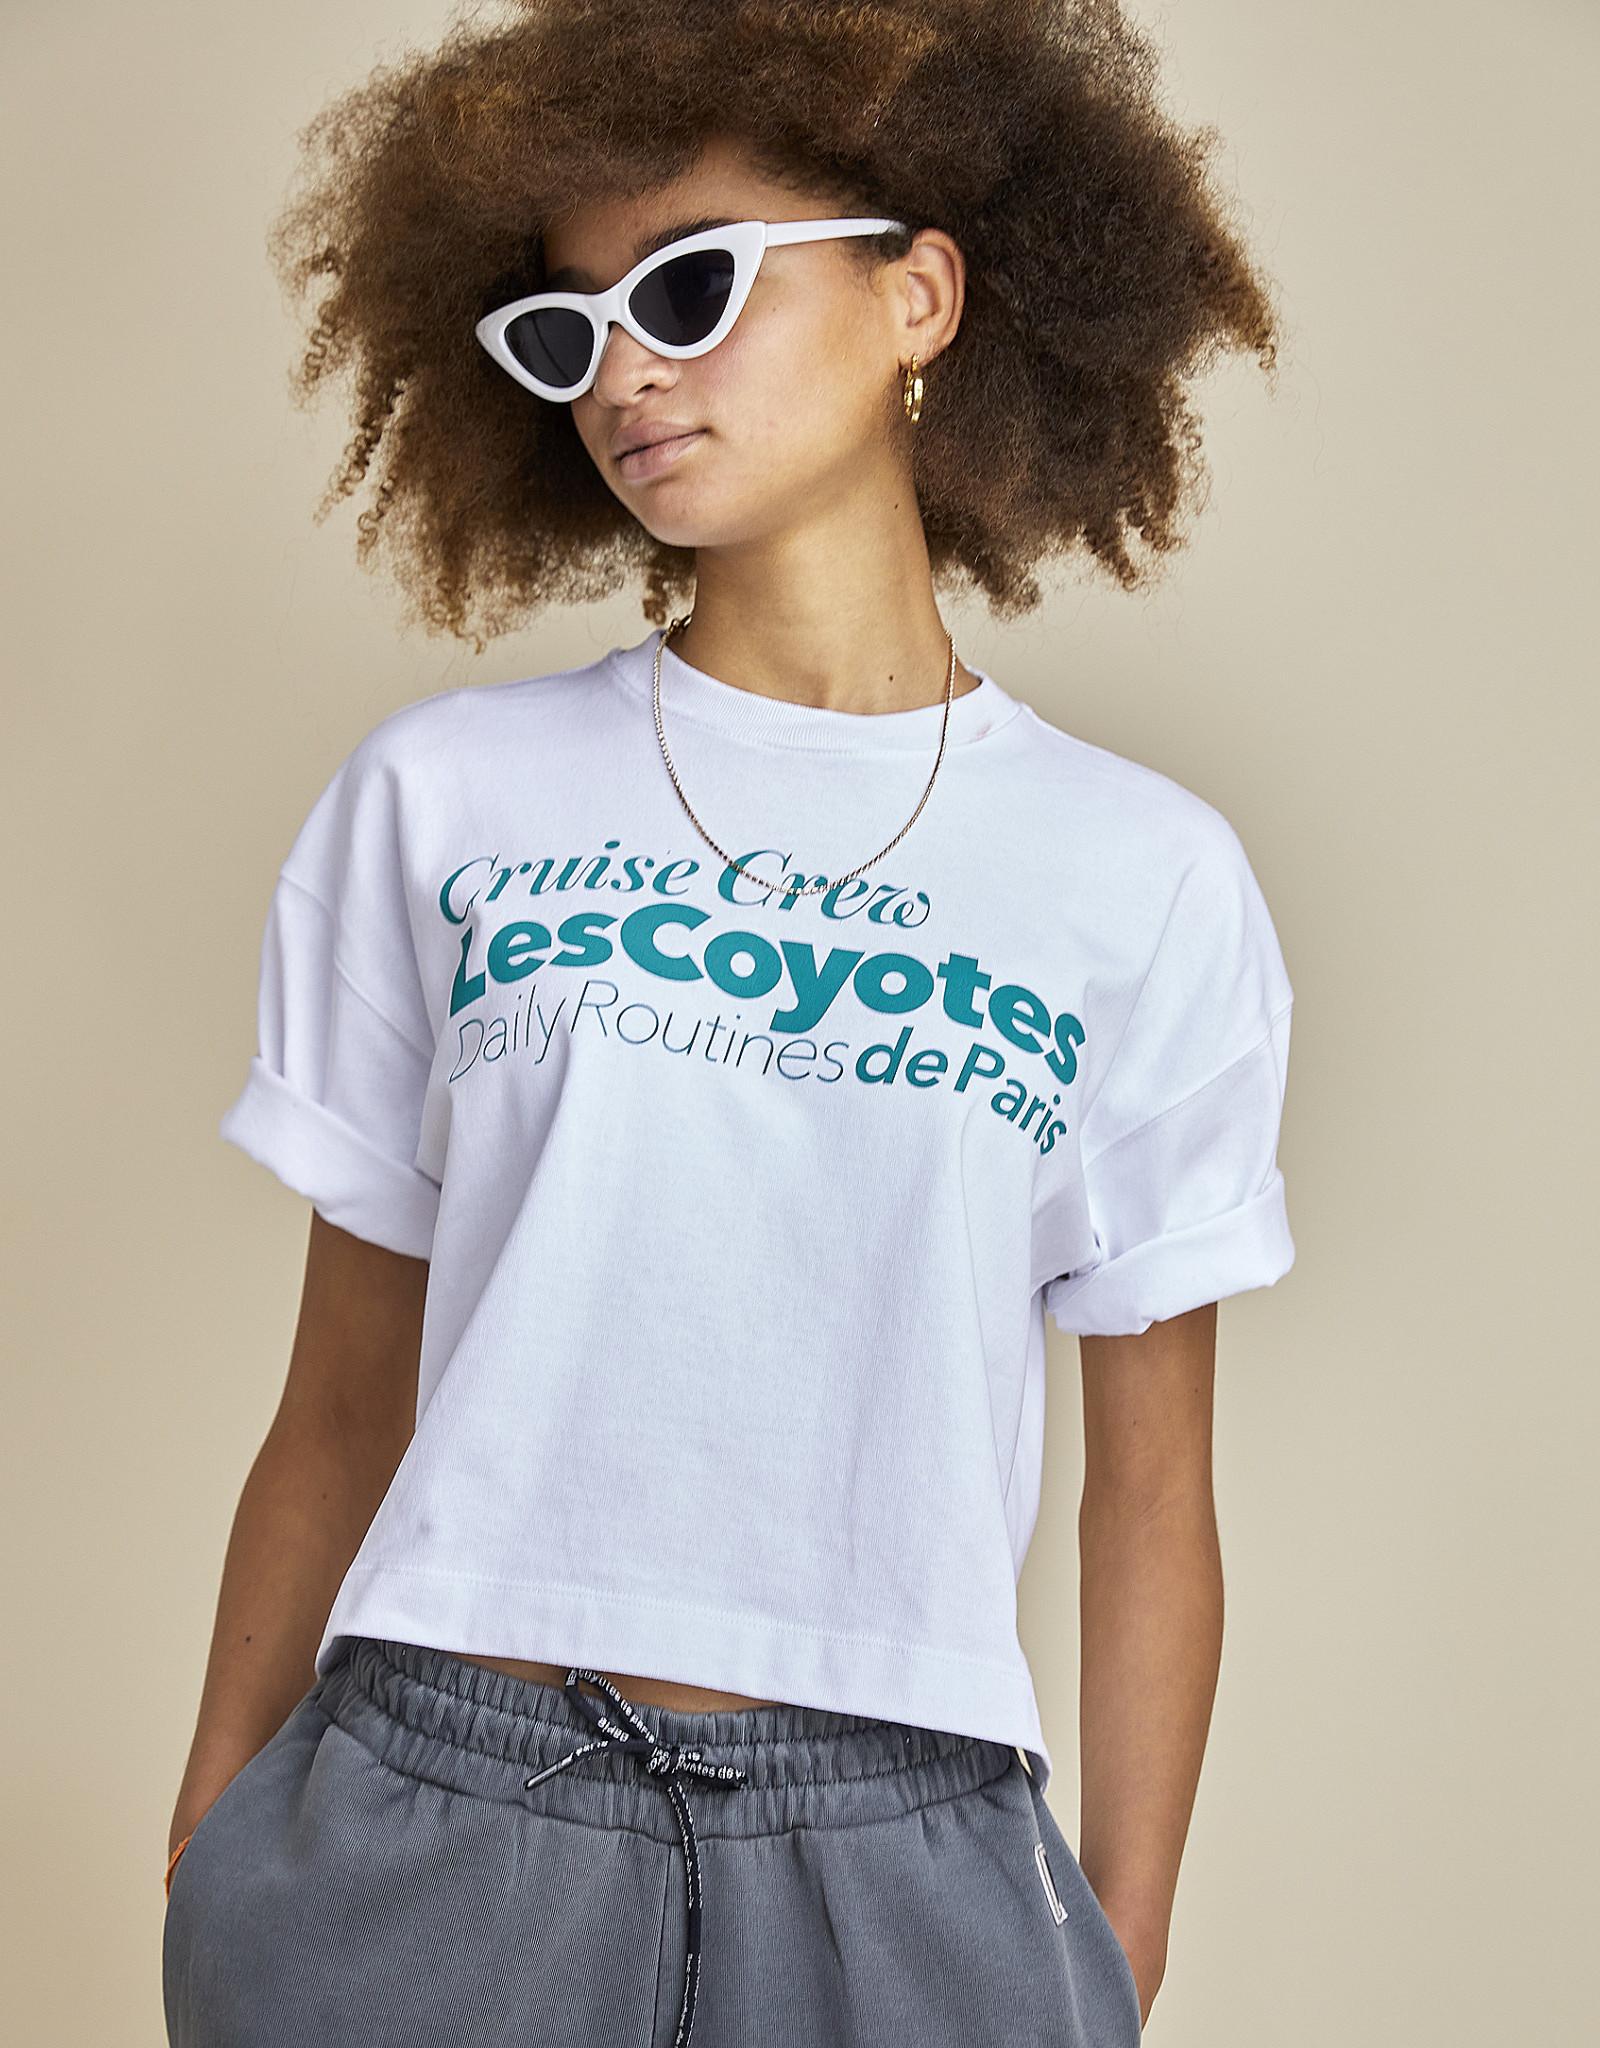 LES COYOTES DE PARIS LES COYOTES DE PARIS T-shirt Evelyn white